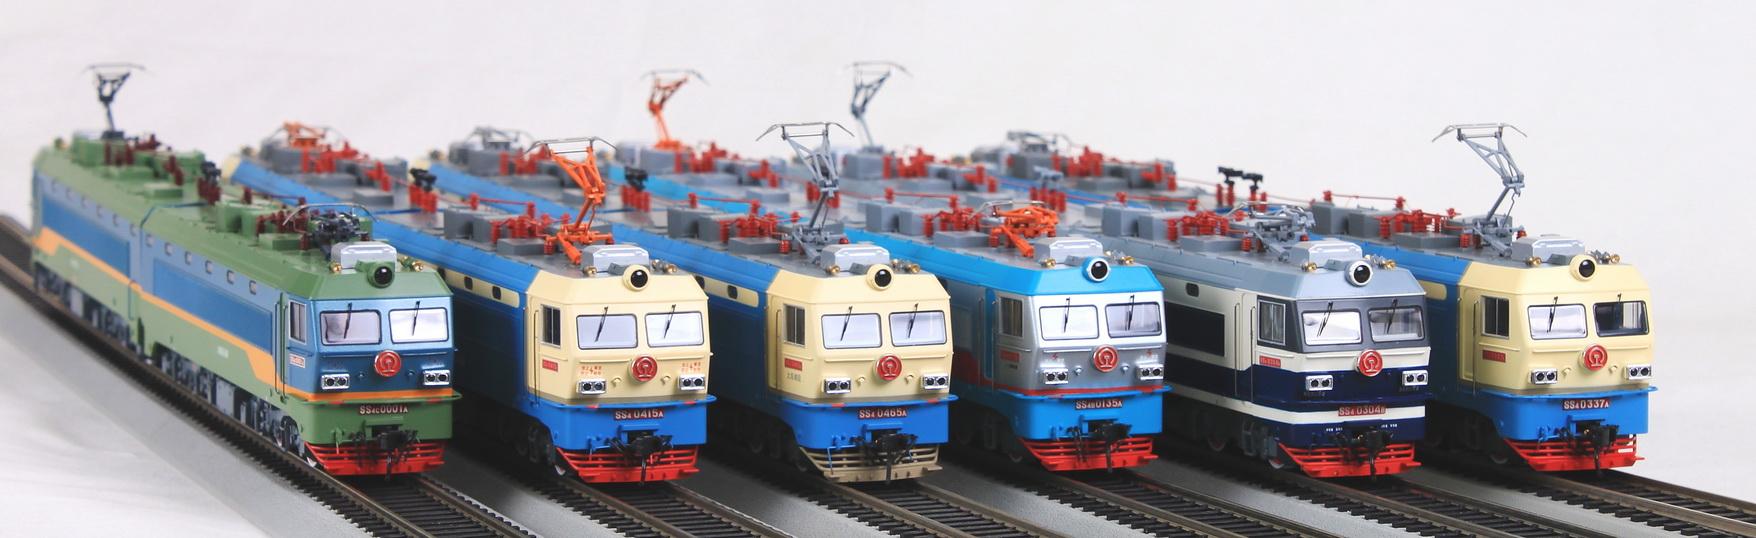 Bachmann CE00402 - SS4, 0001, Beijing Railway (left model).1